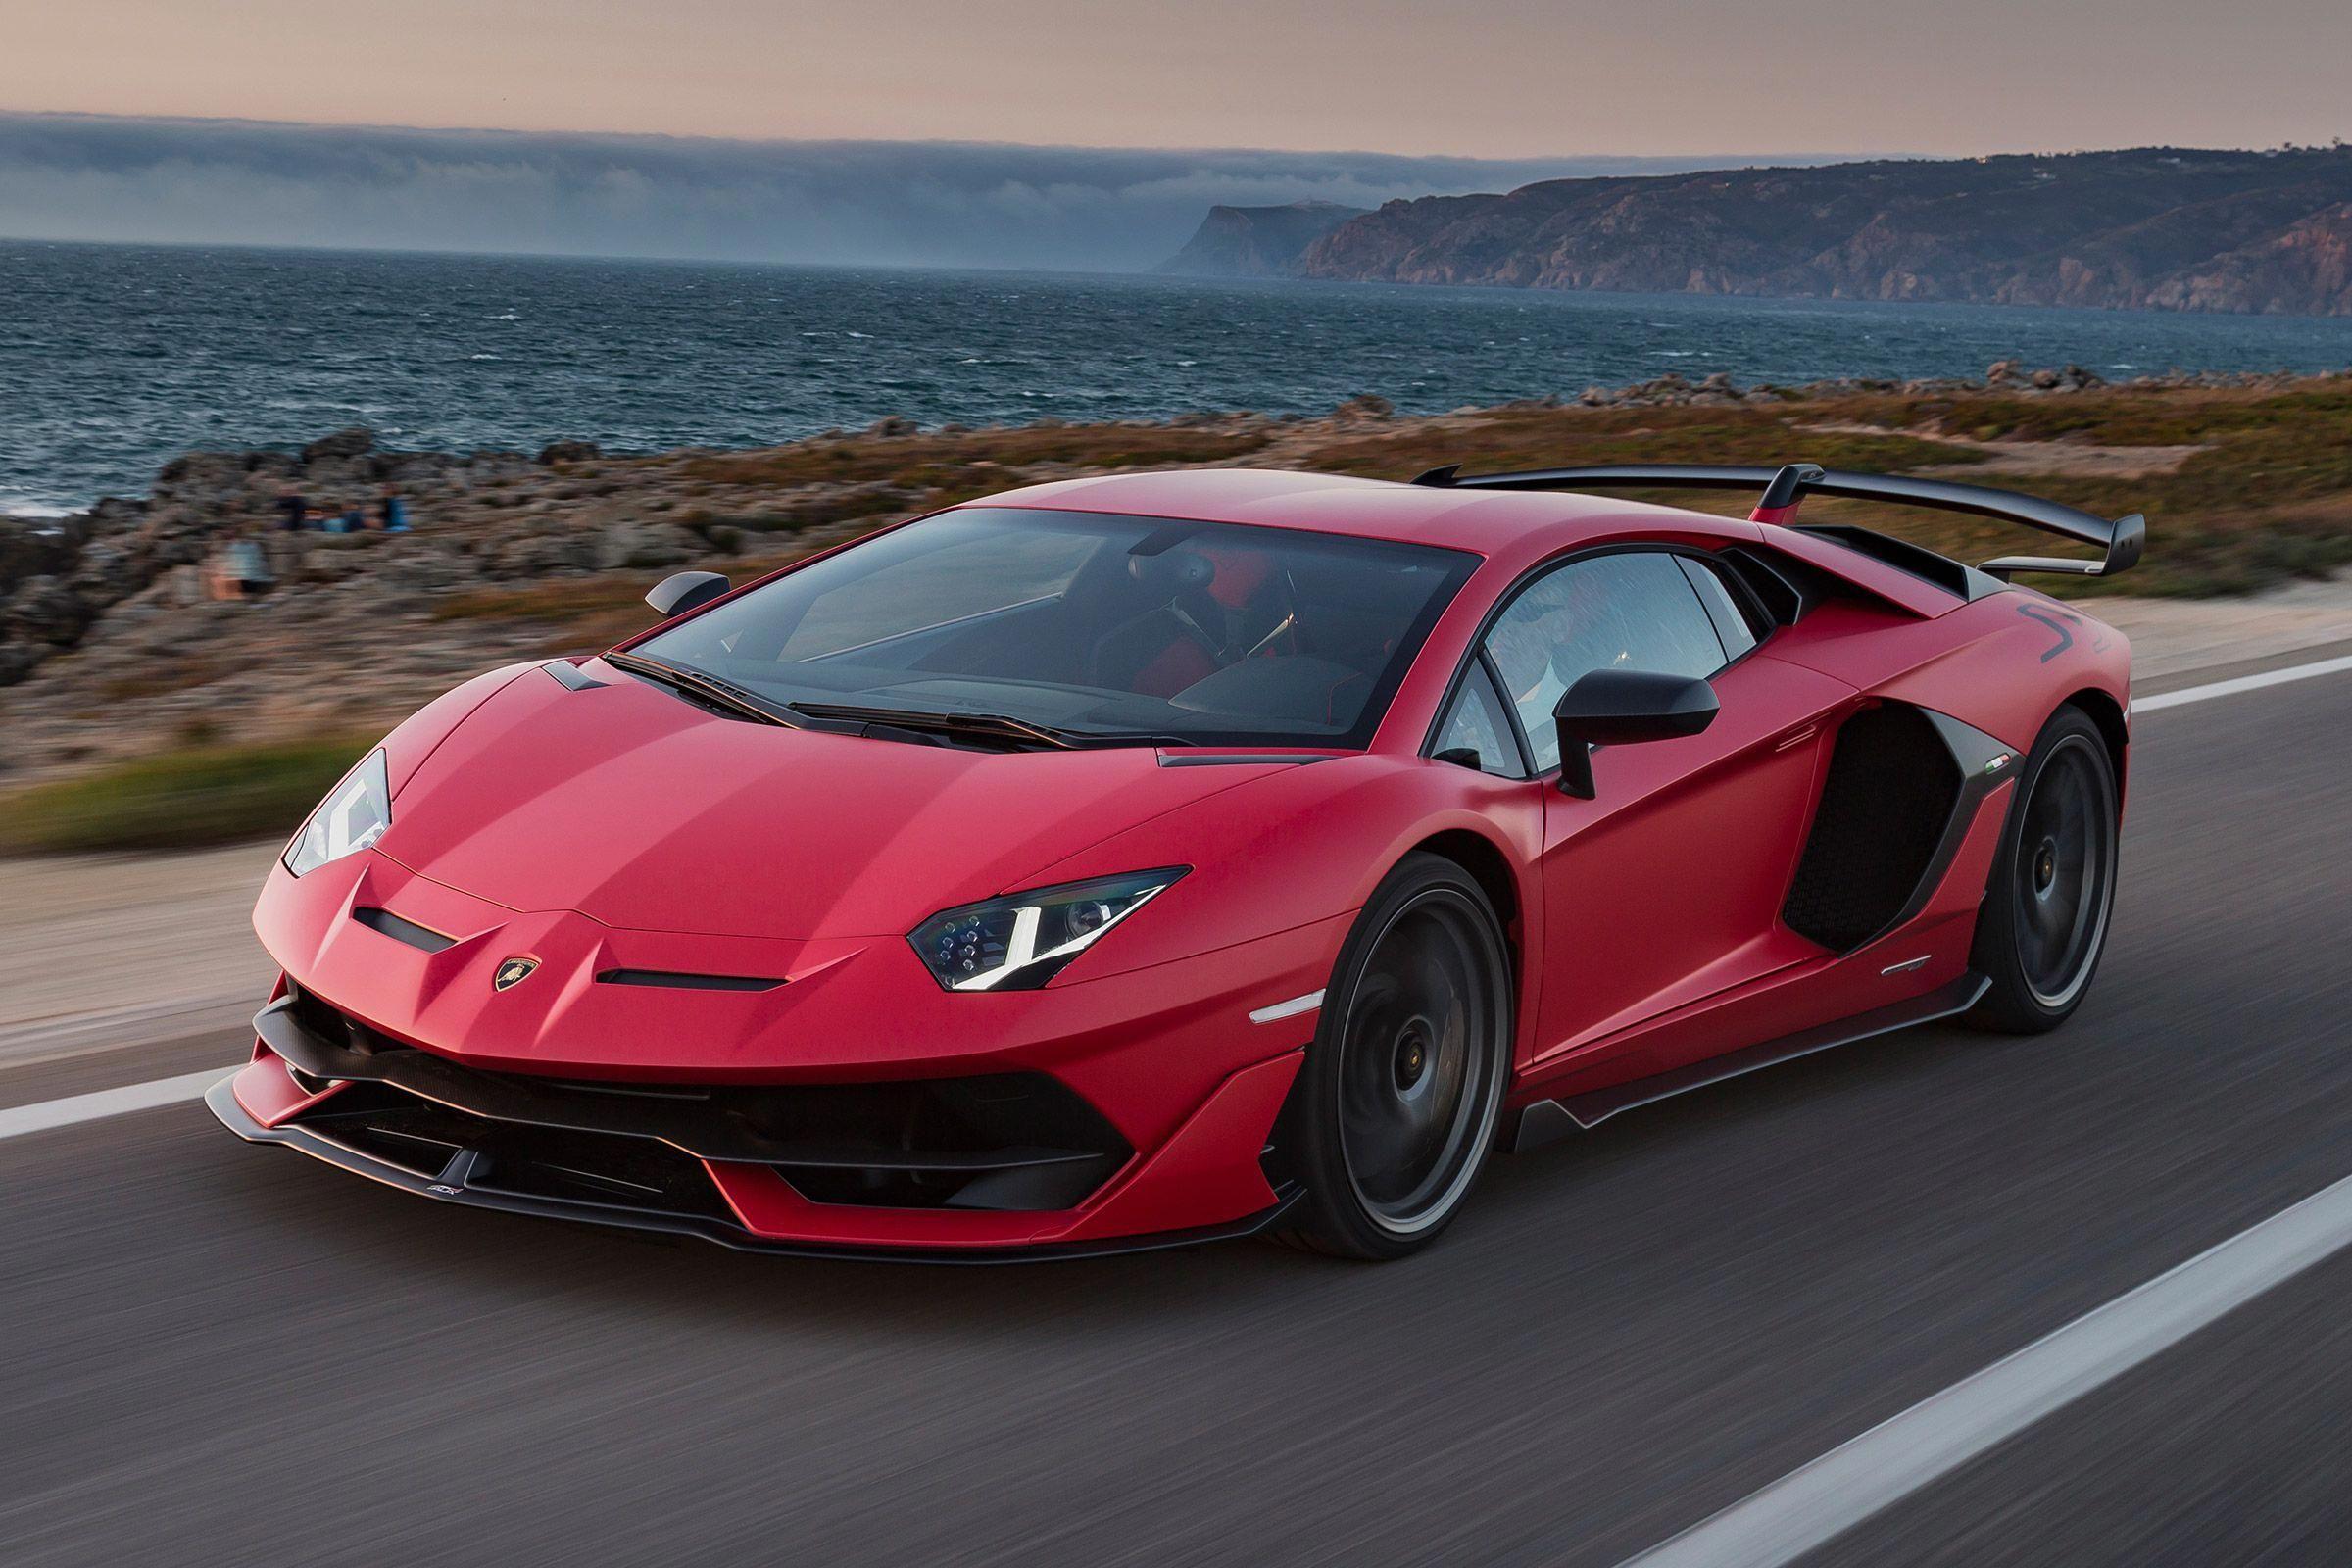 Lamborghini Aventador Svj A True Track Weapon With A Screaming